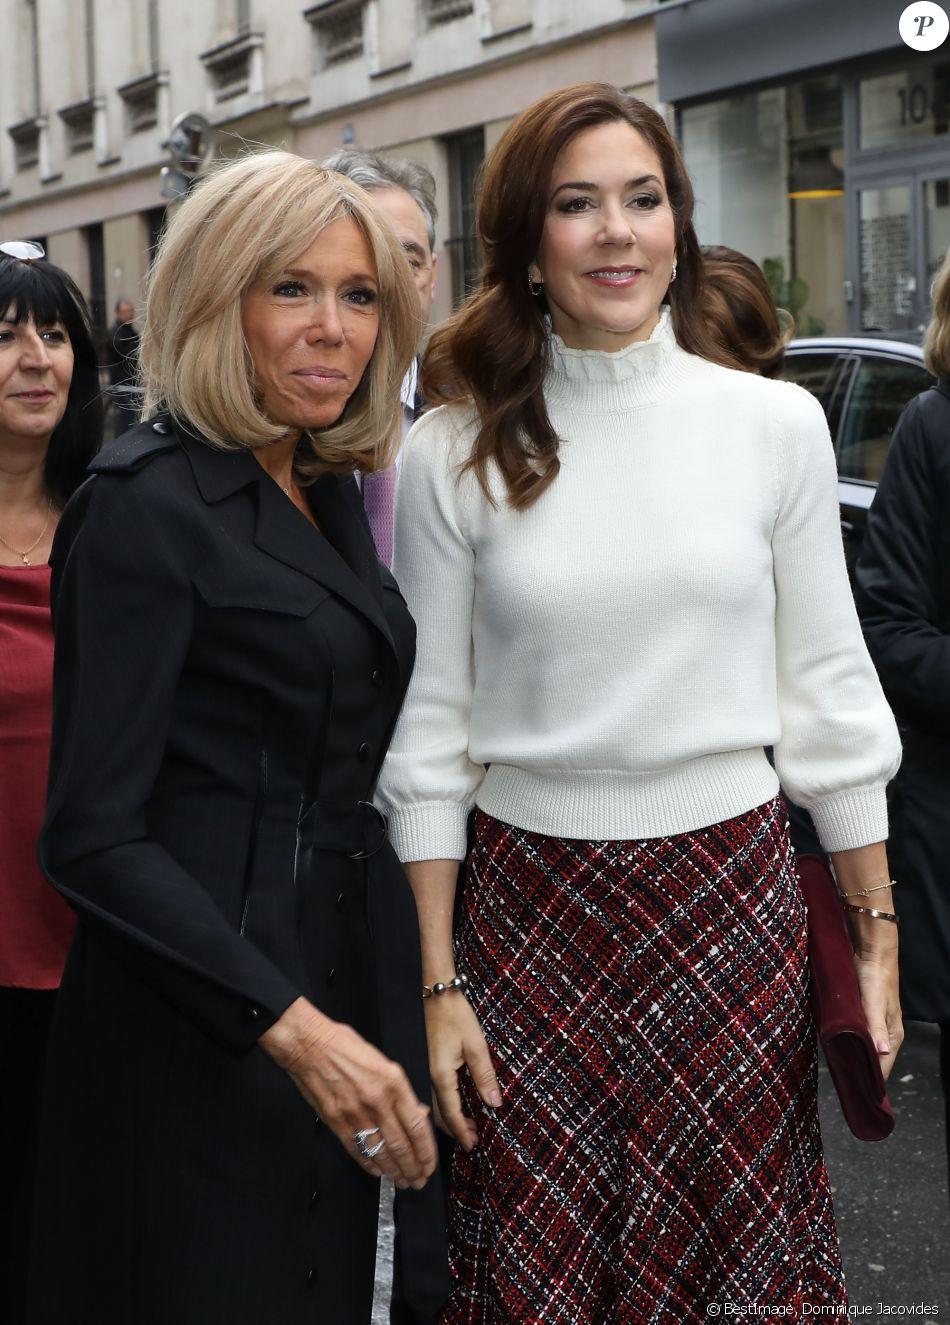 Brigitte Macron et la princesse Mary de Danemark visitent la cité scolaire Alphonse de Lamartine à Paris le 9 octobre 2019. © Dominique Jacovides/Bestimage